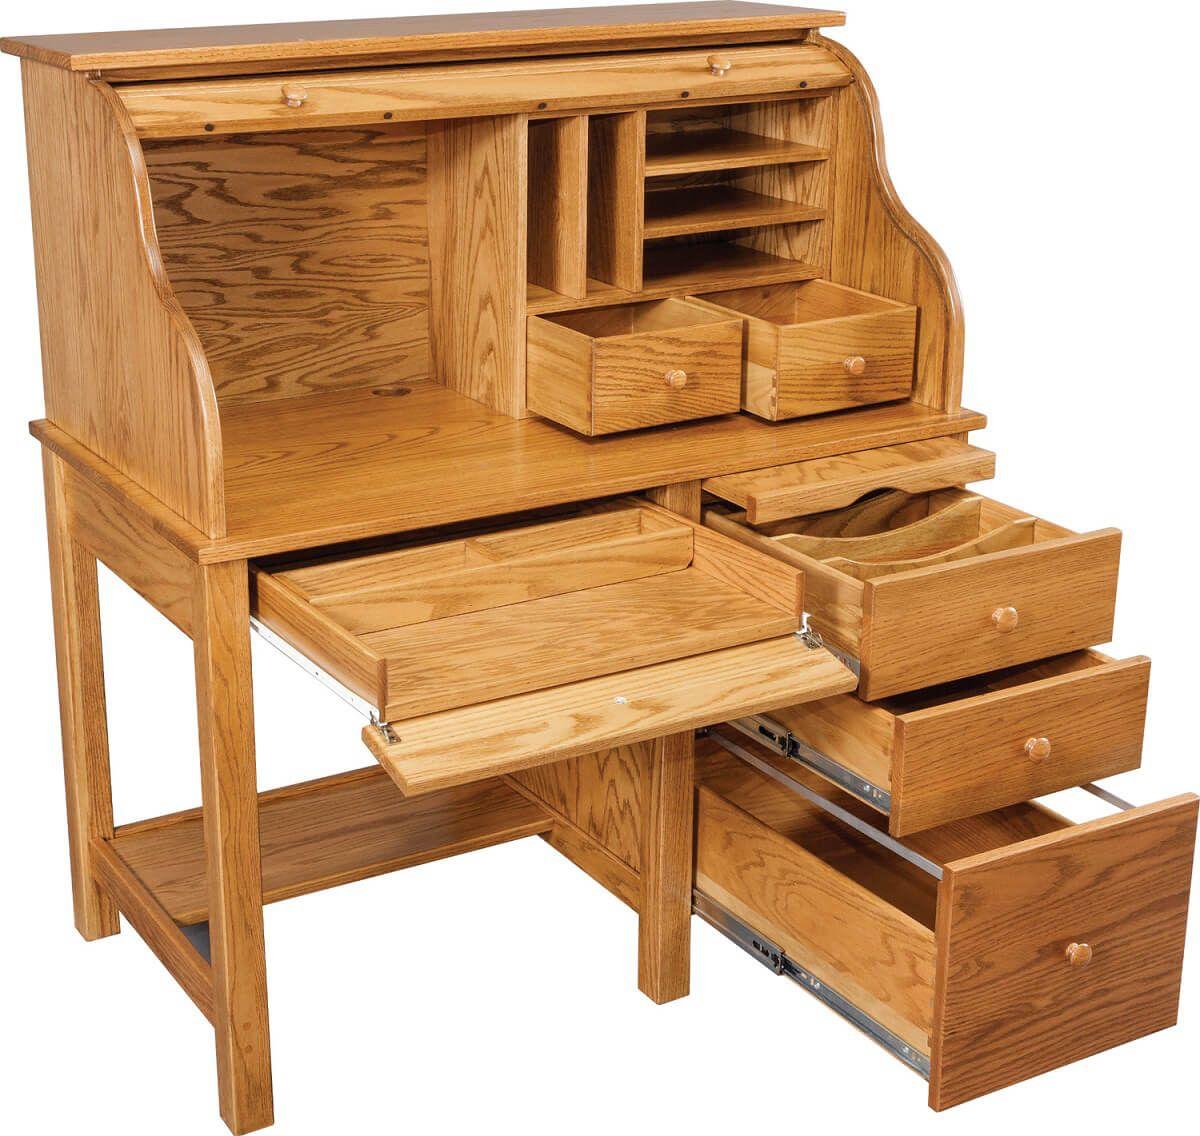 Solid Oak Roll Top Desk, opened